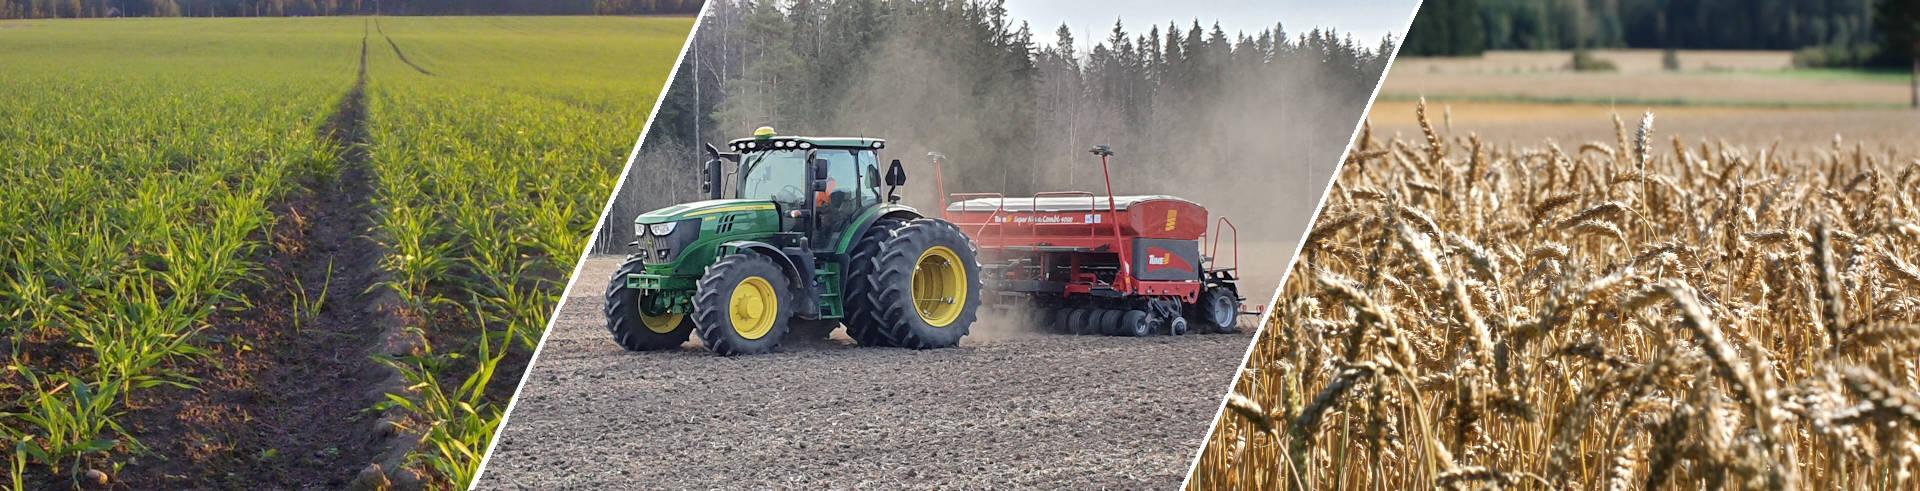 Viljatavastia, viljelijöiden asialla, viljelijöiden omistama